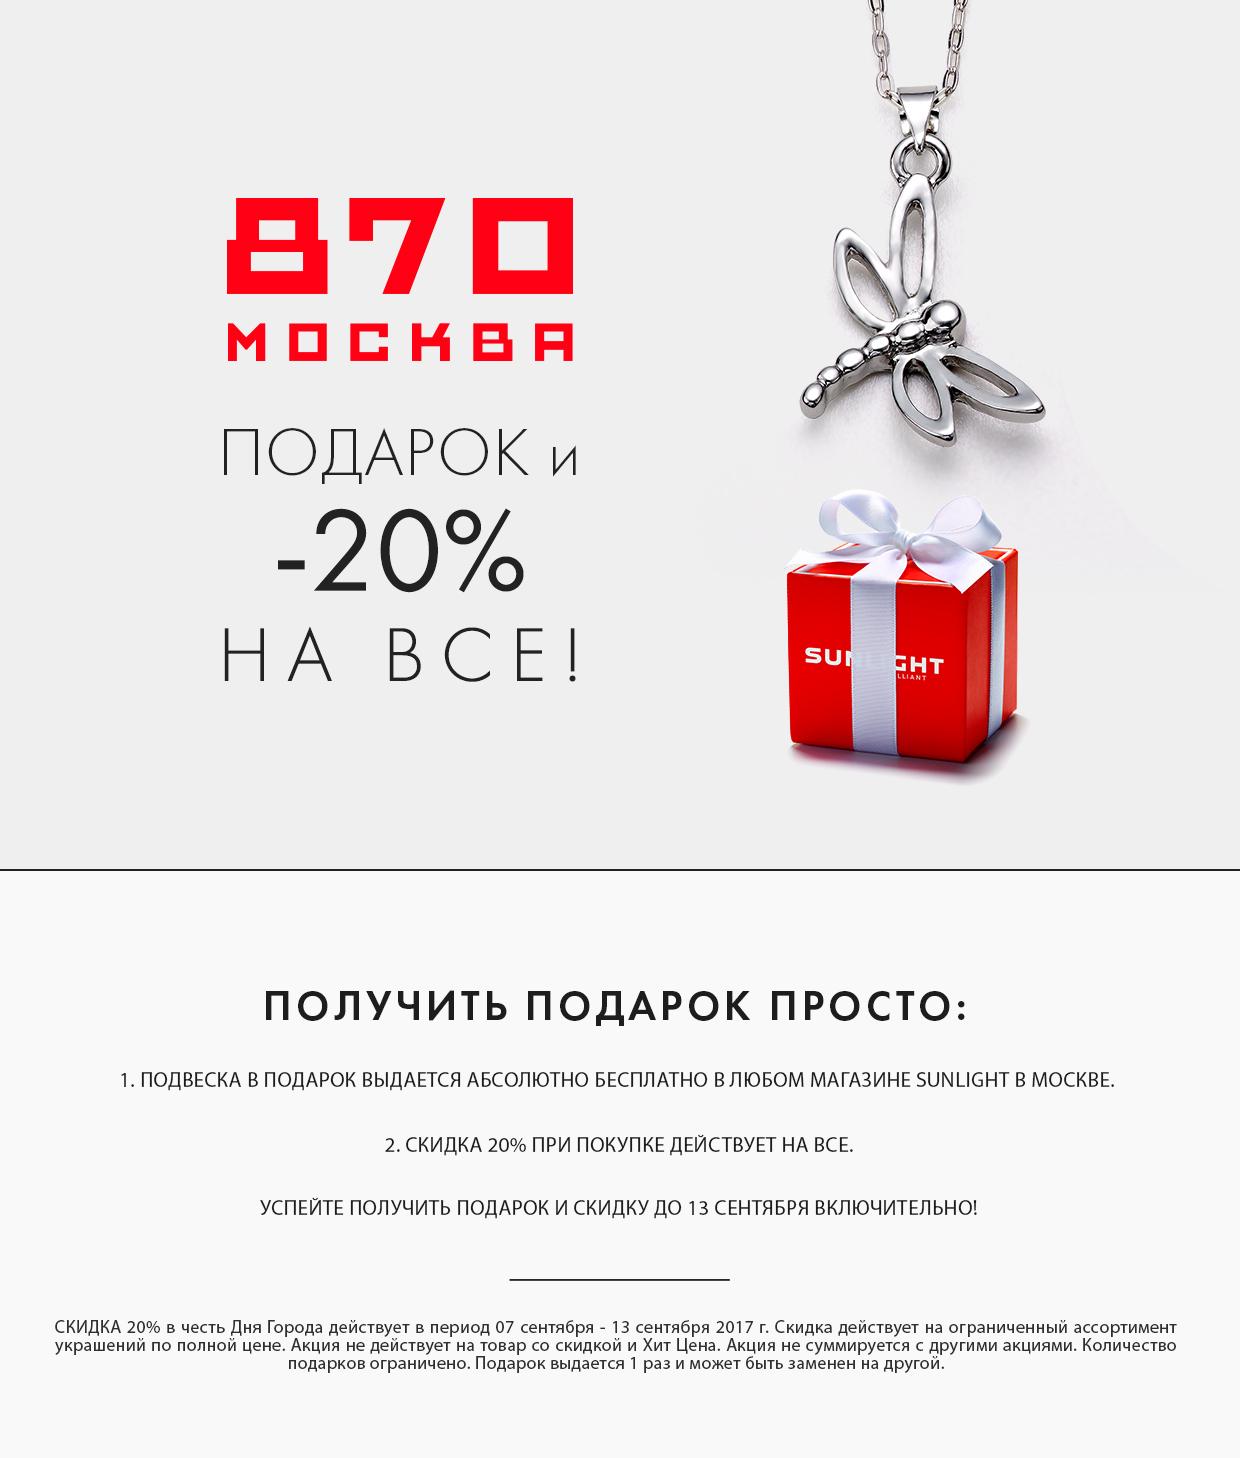 Серебро, акции и санлайт - Pikabu 70